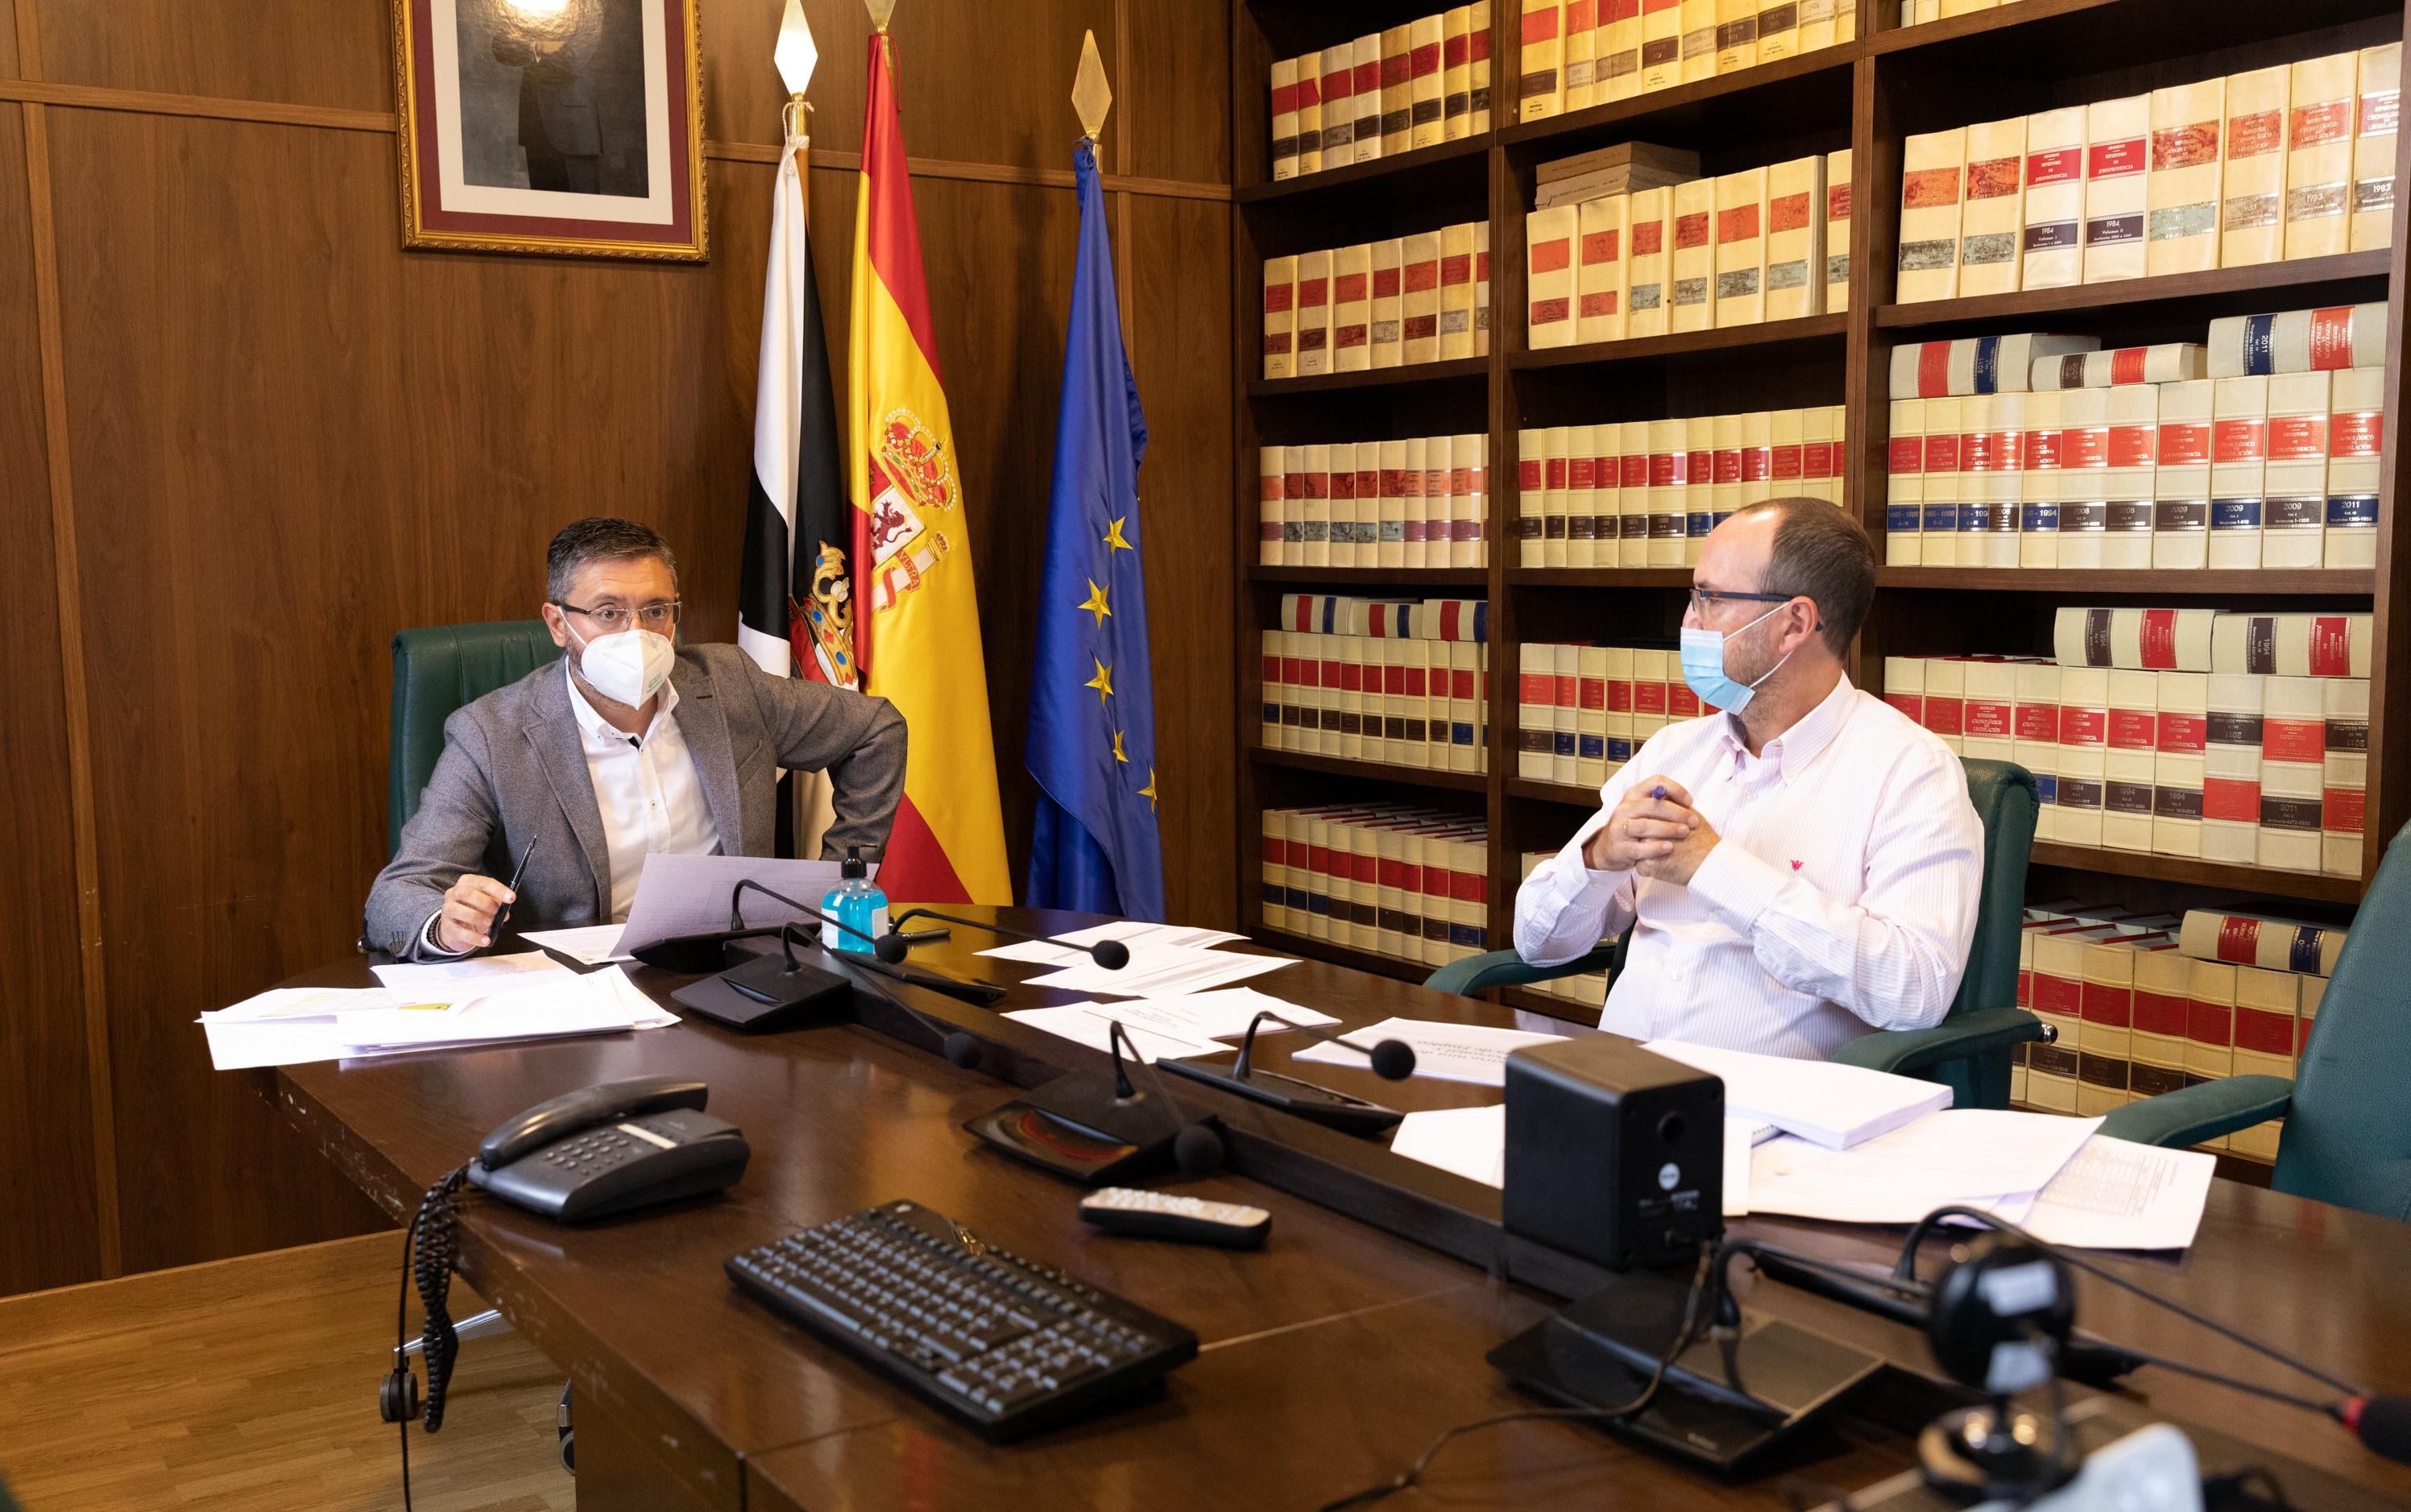 La Autoridad Portuaria de Ceuta ya tiene Plan de Empresa para el periodo 2020-2024